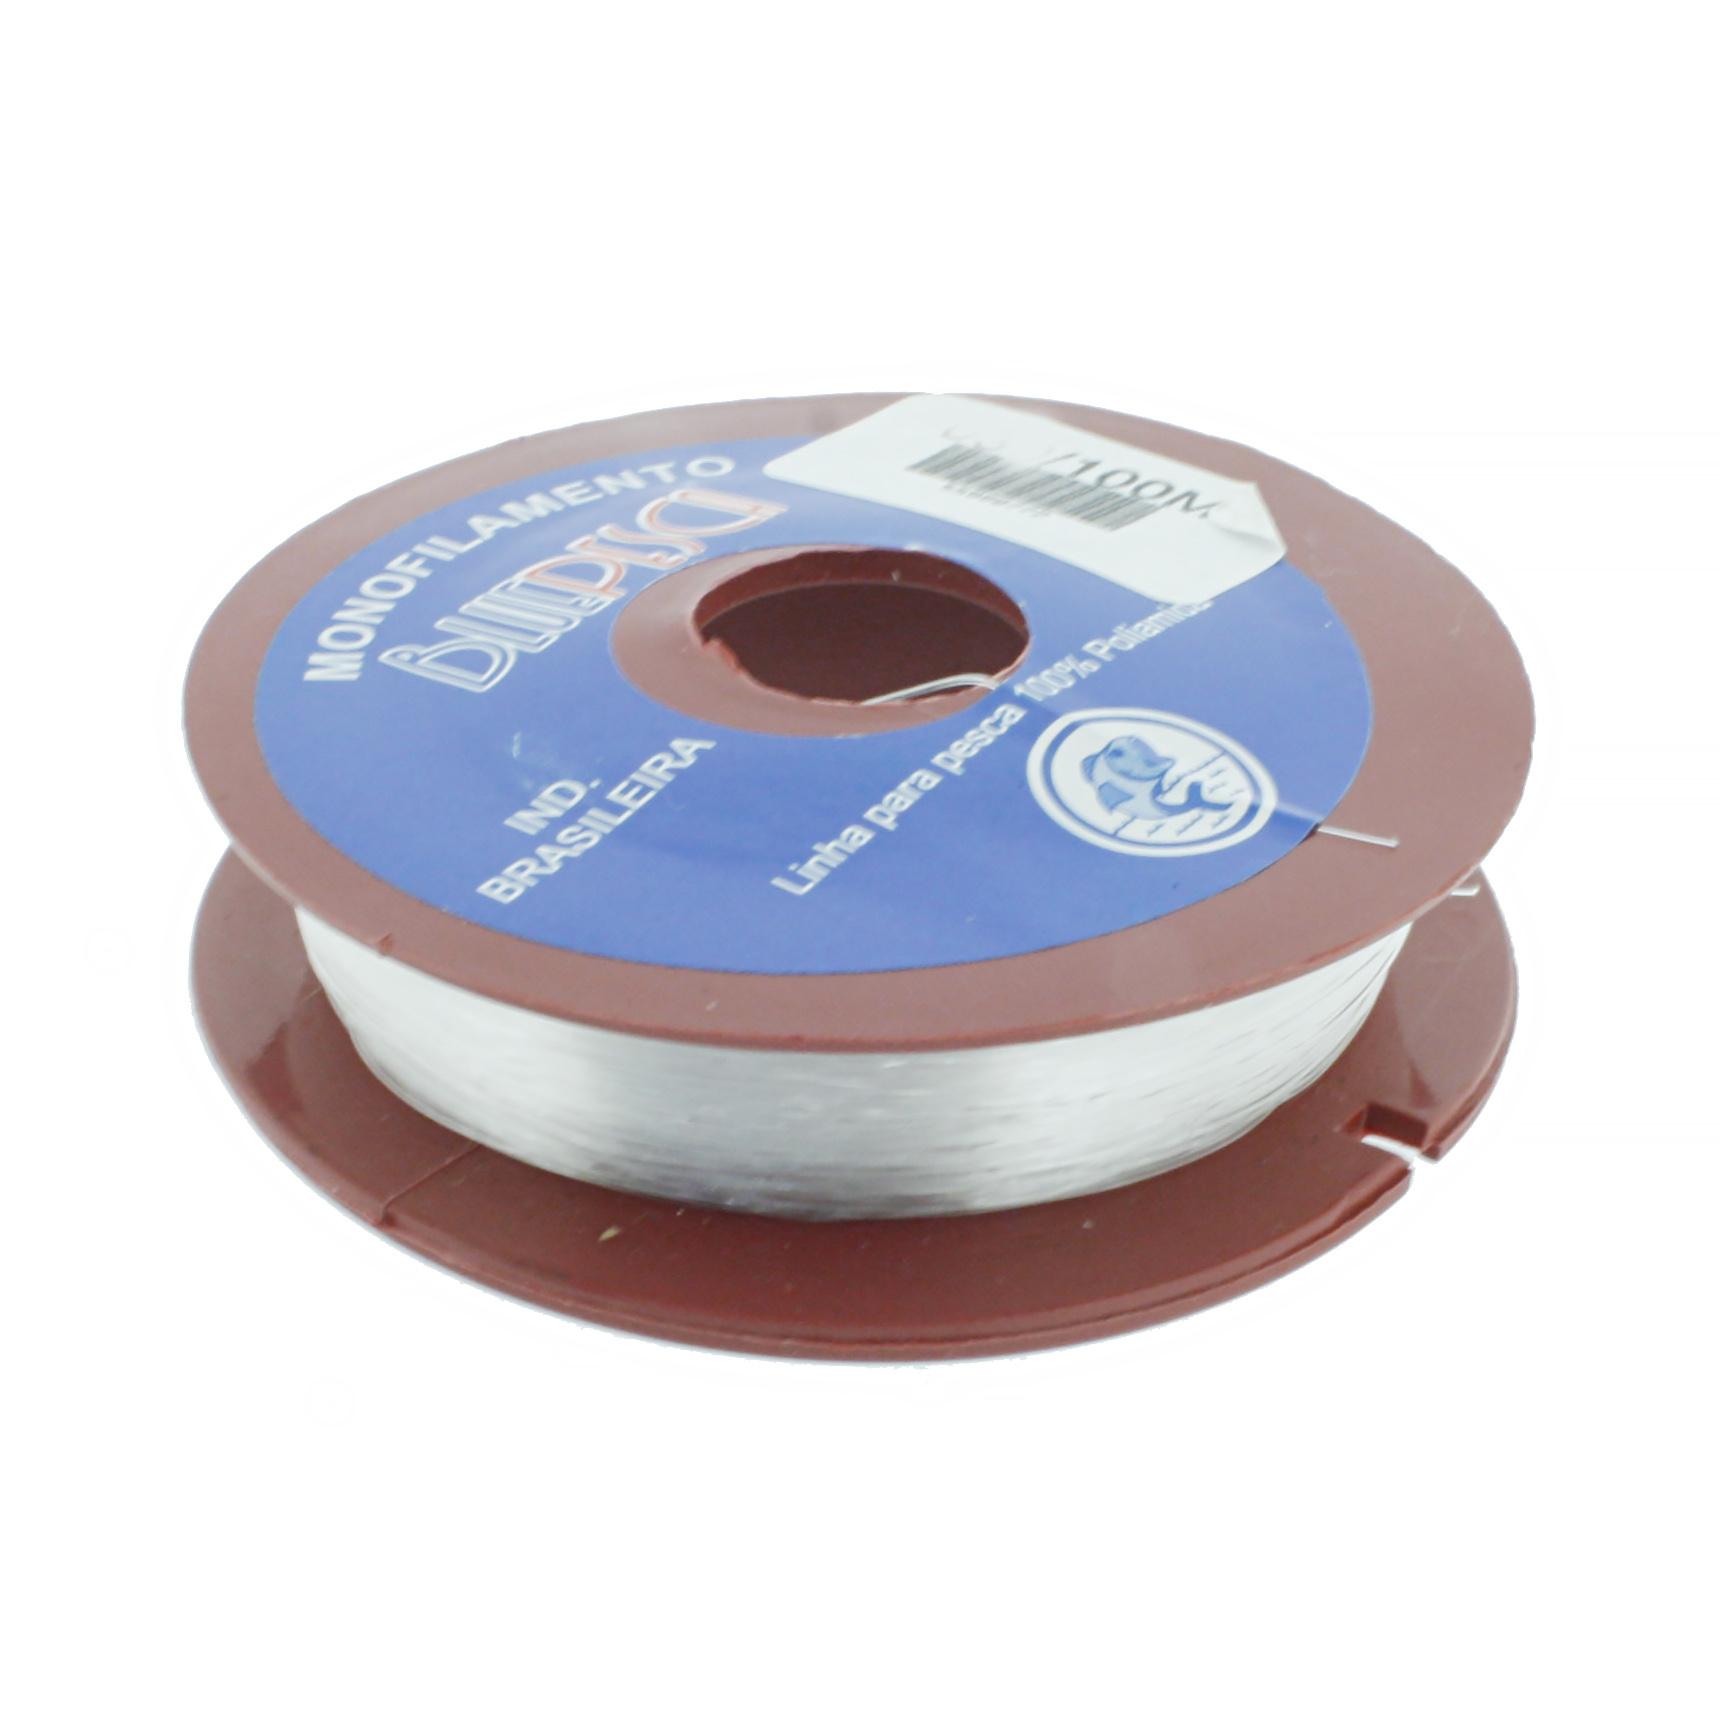 Fio de Nylon - 0,40mm  - Stéphanie Bijoux® - Peças para Bijuterias e Artesanato